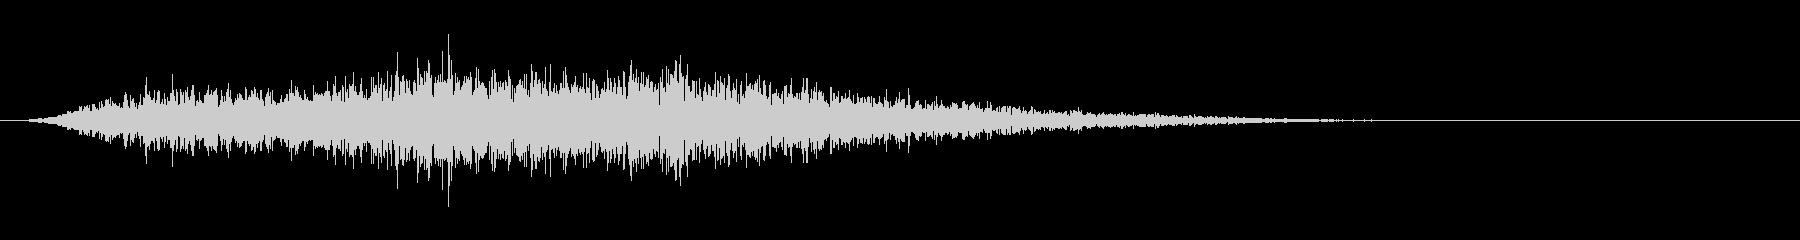 SFの音楽アクセント-降順の未再生の波形